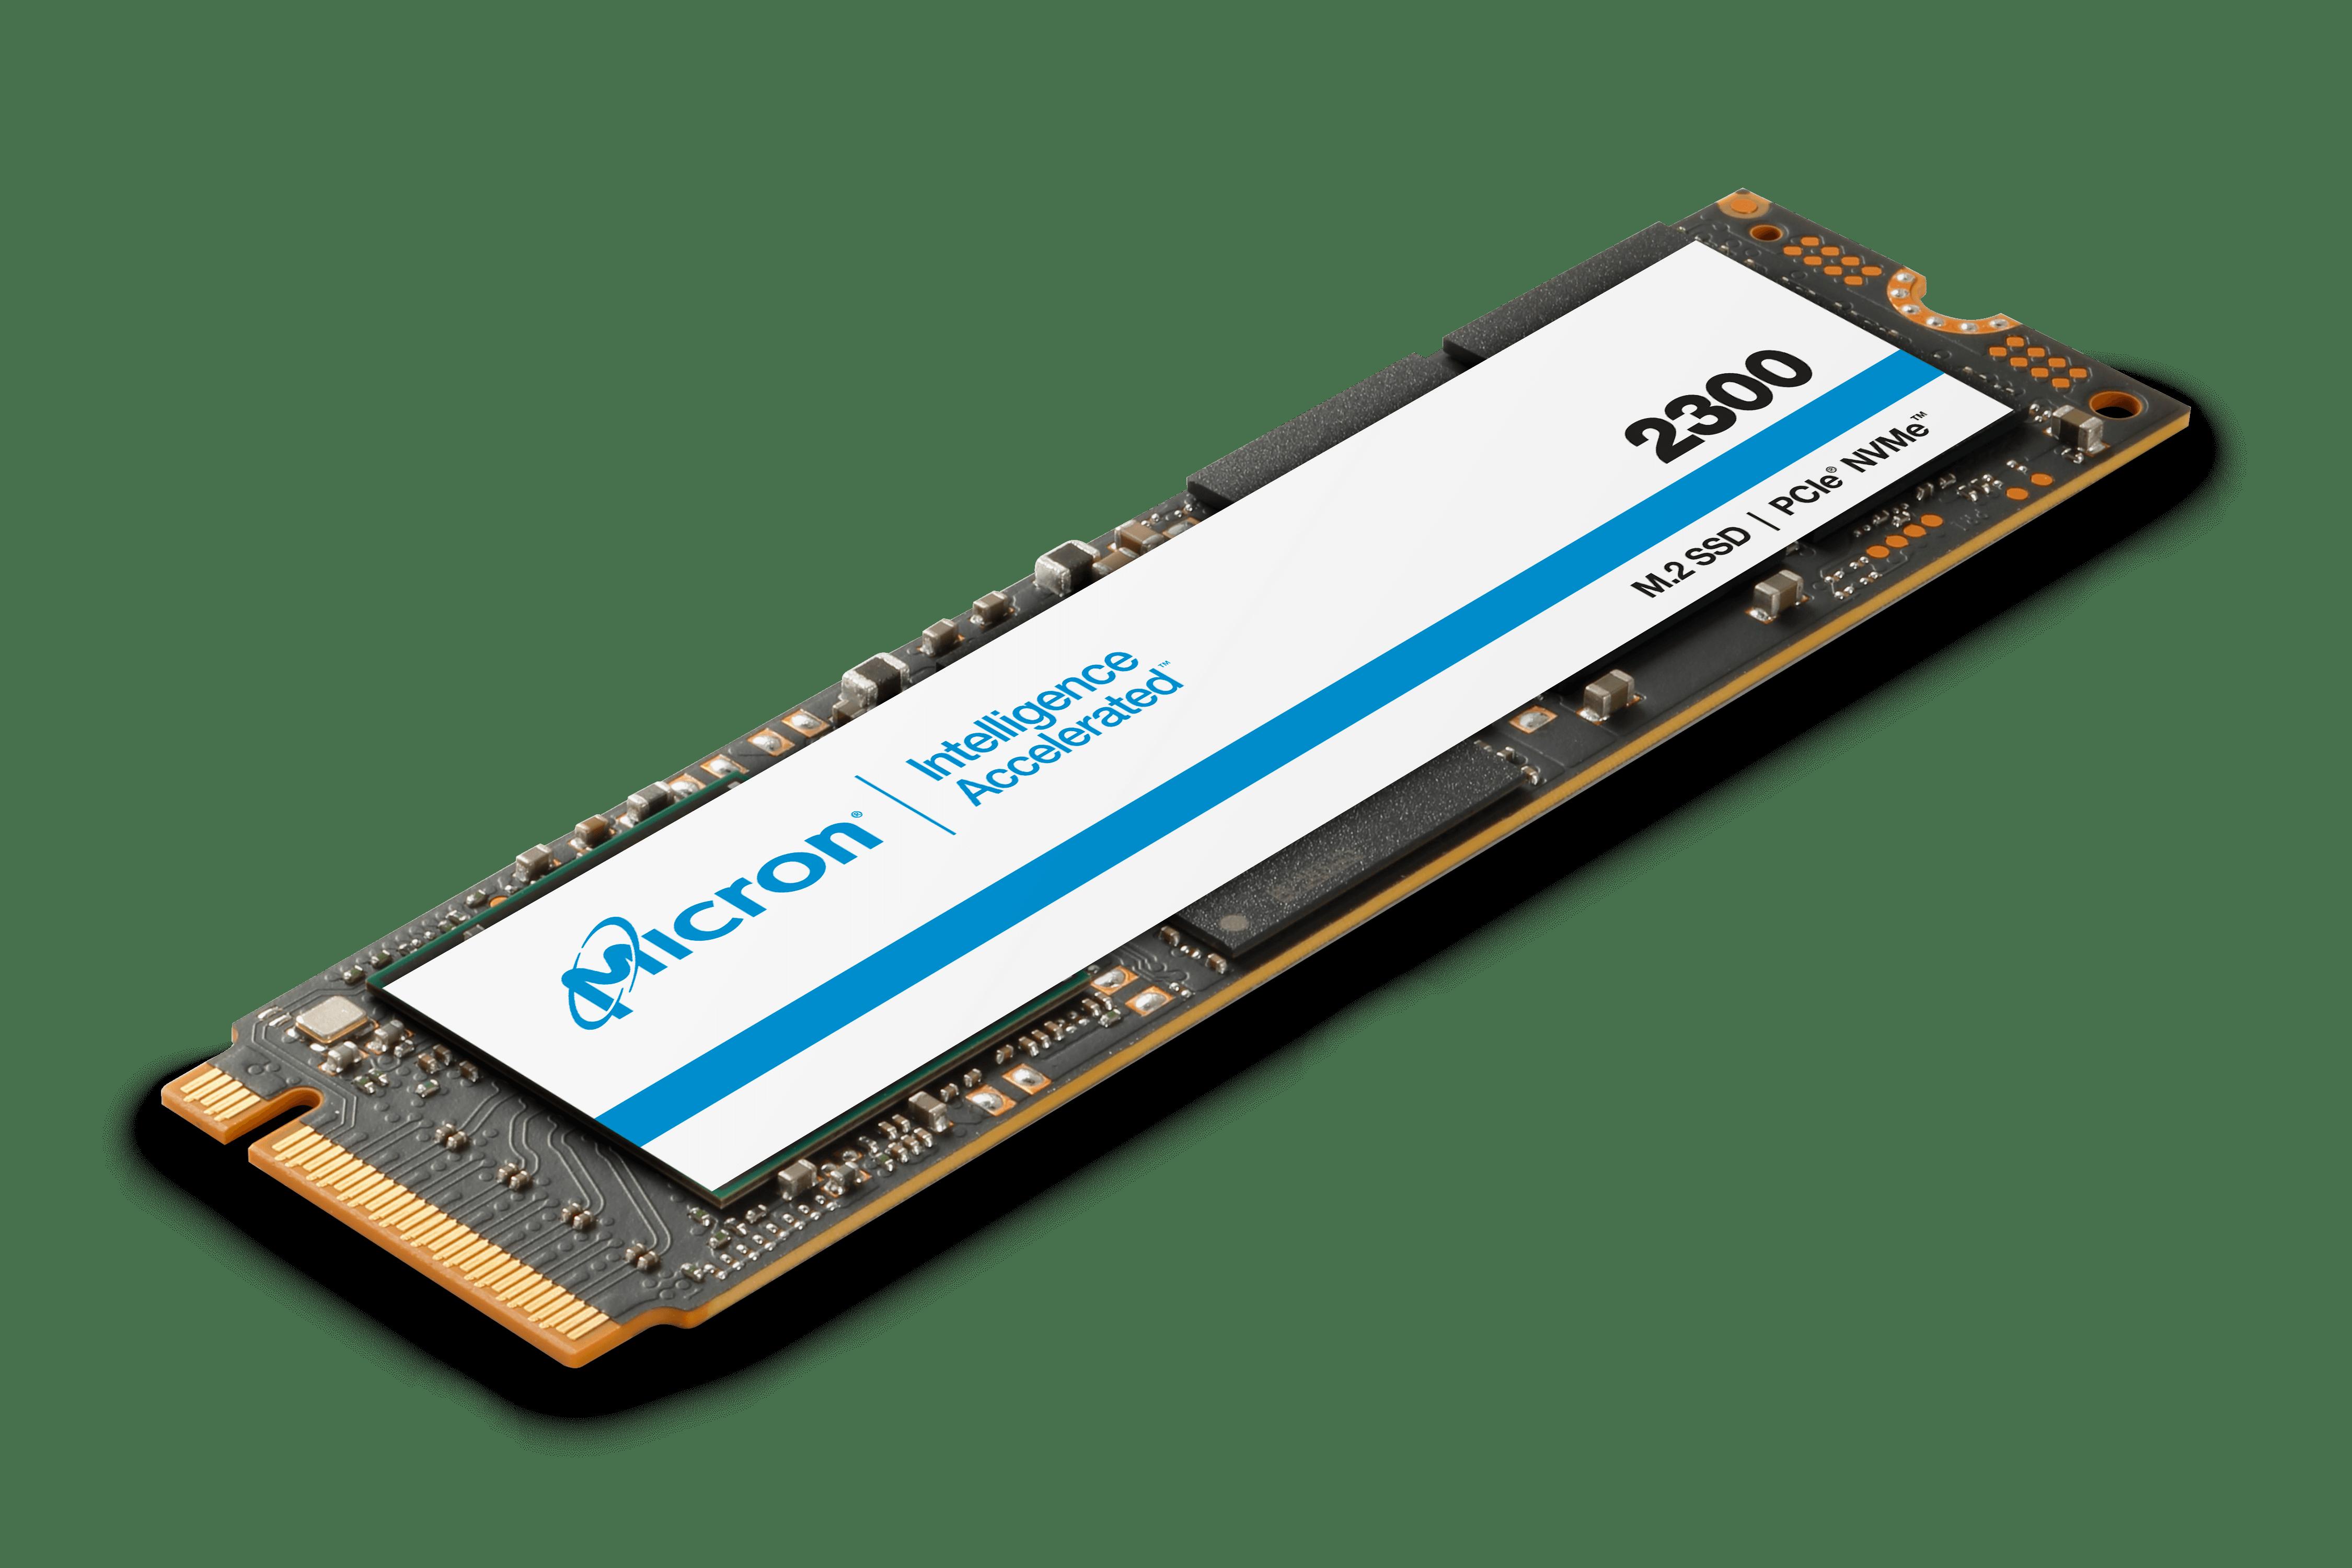 美光 2300 SSD 搭載 NVMe 的等距圖